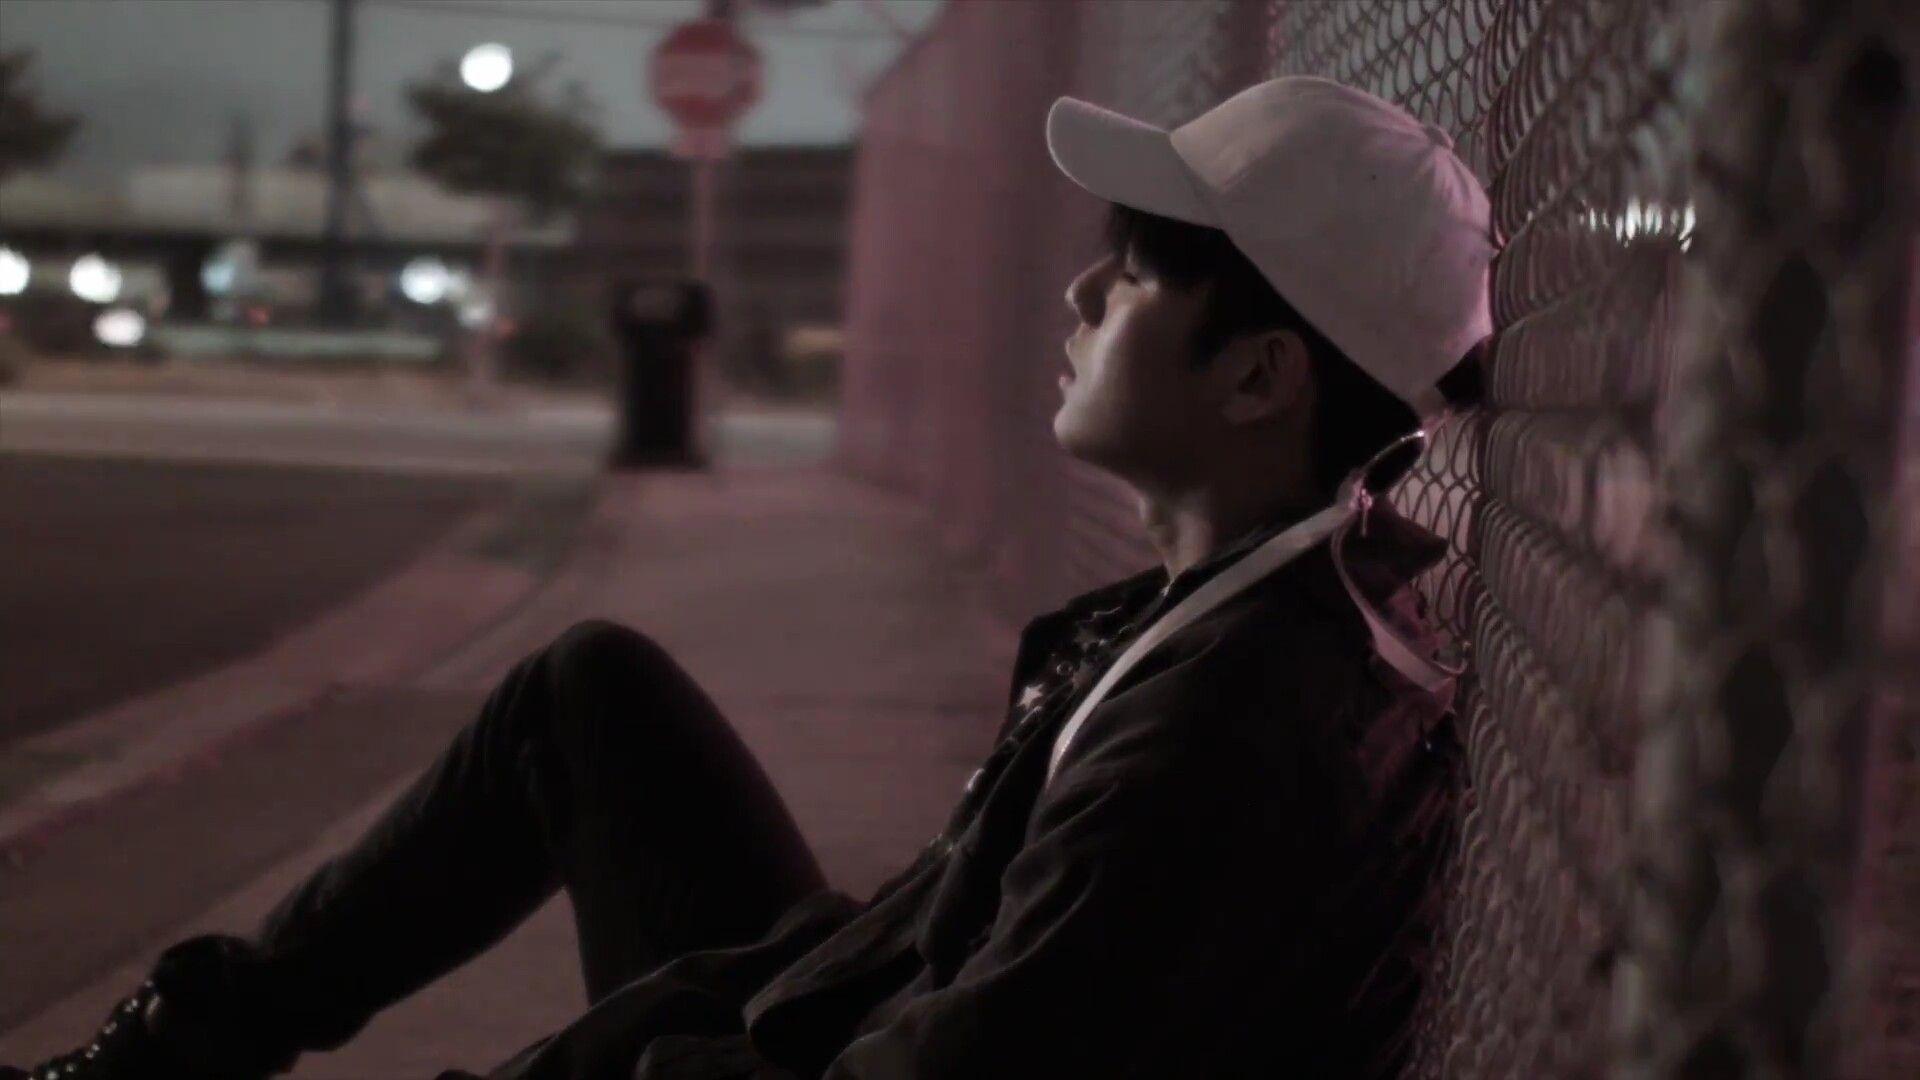 ผลการค้นหารูปภาพสำหรับ mingyu seventeen don't wanna cry